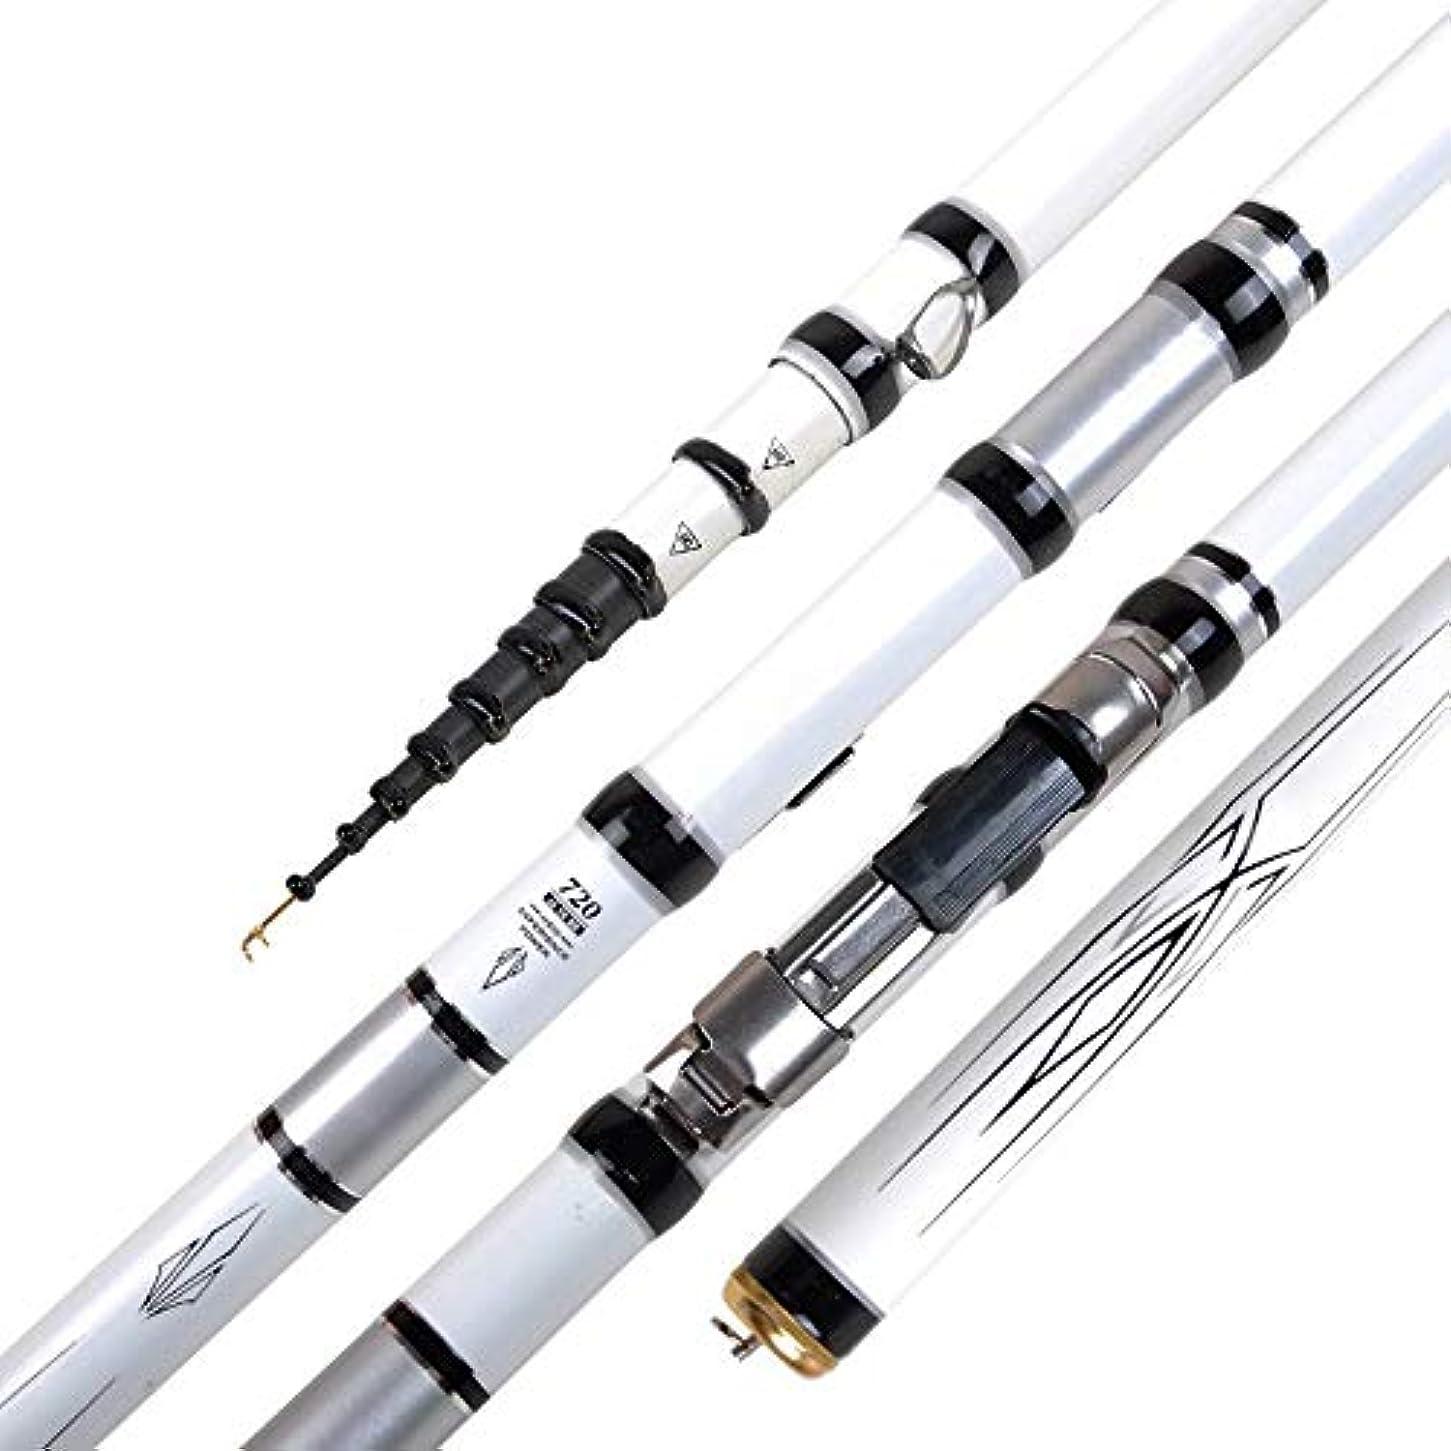 マンハッタンサンプルのためにBTXXYJP 釣り竿 釣りロッド 軽量 初心者 釣り 超強力 操作簡単 伸縮可能 フィッシングロッド (Color : 白, Size : 5.4)